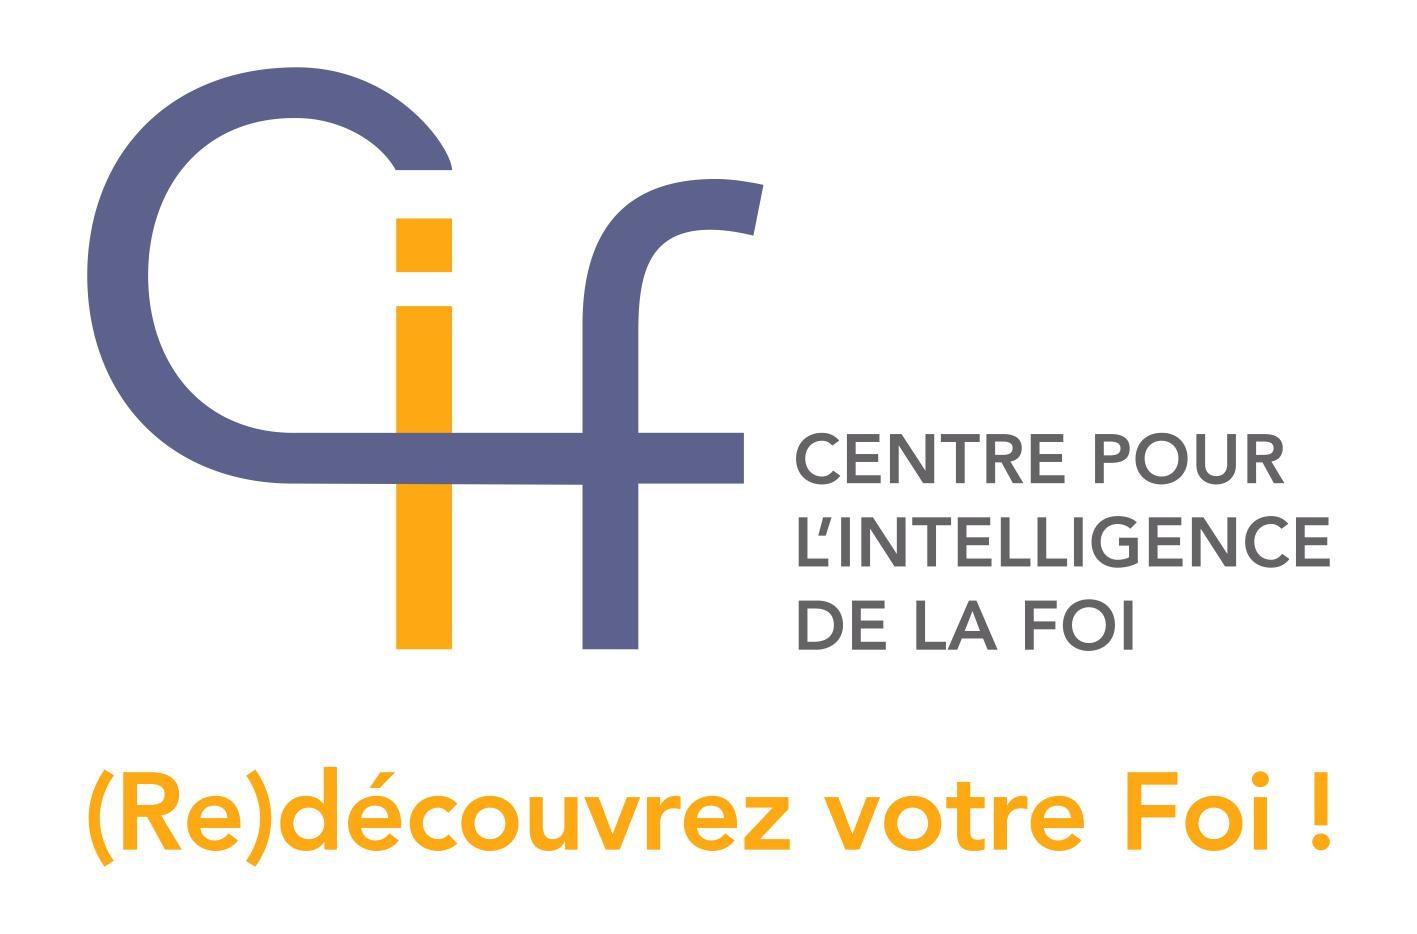 Centre pour l'Intelligence de la Foi